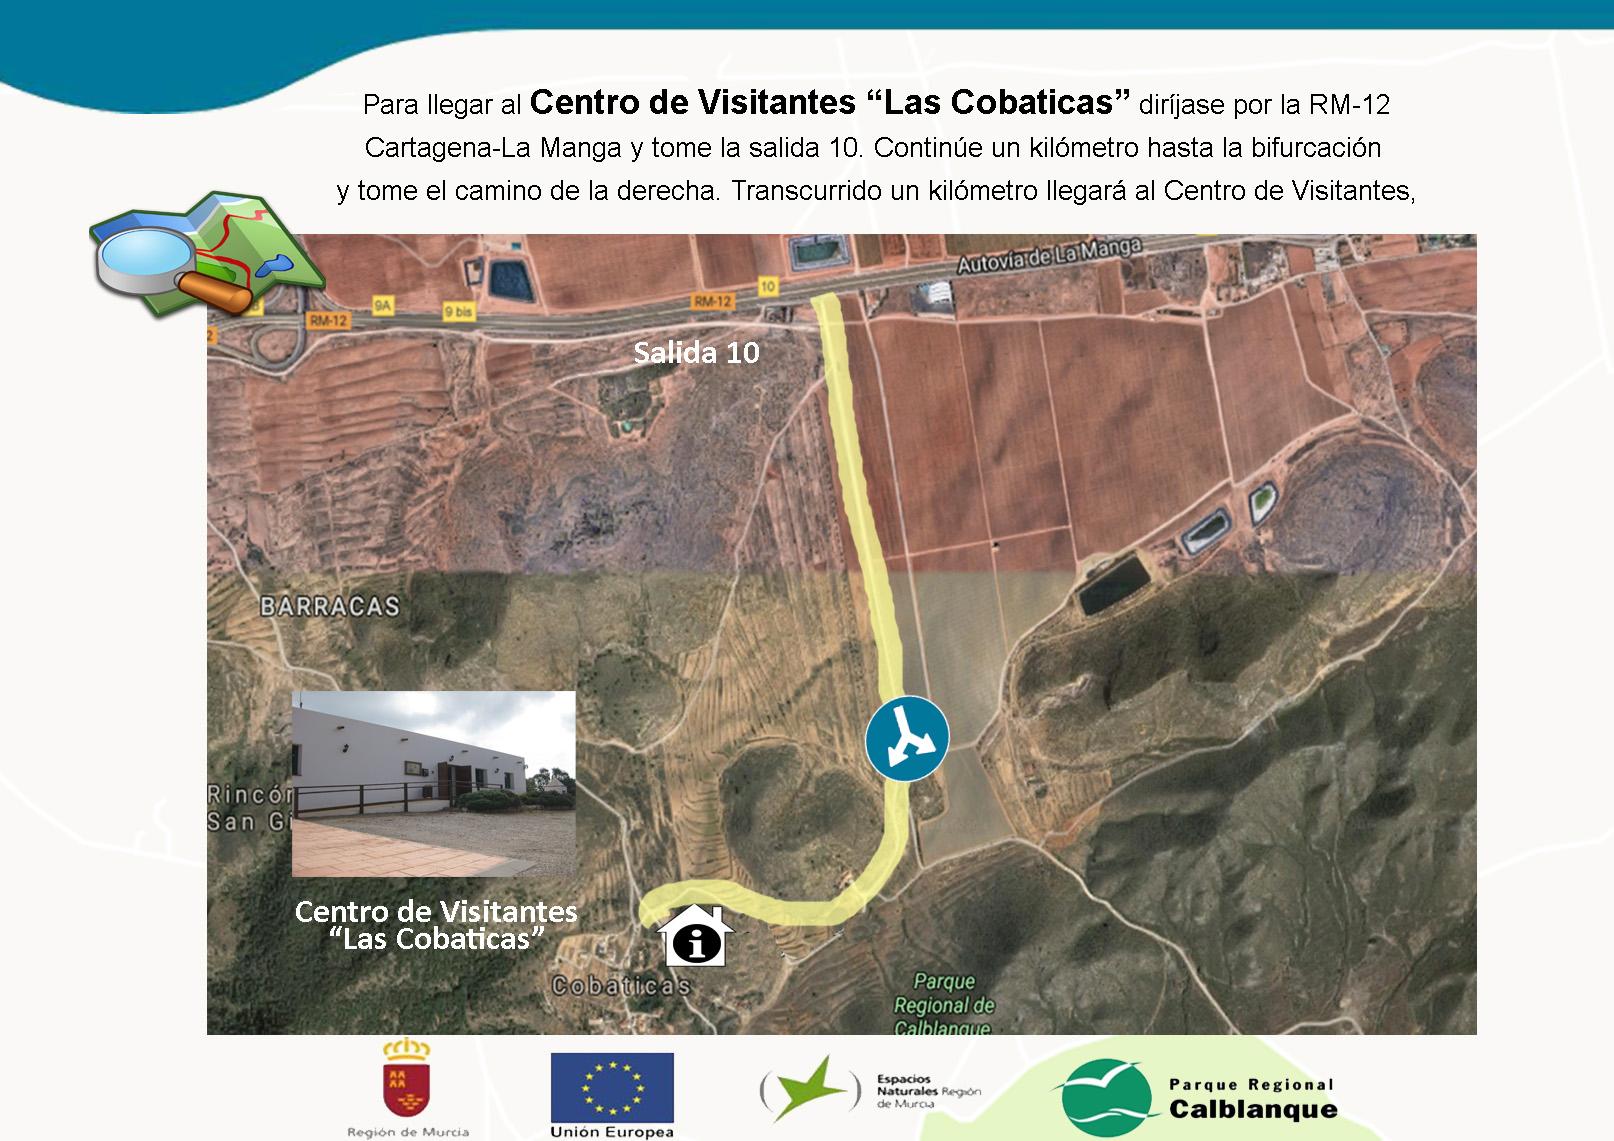 Ubicación del Centro de Visitantes Las Cobaticas